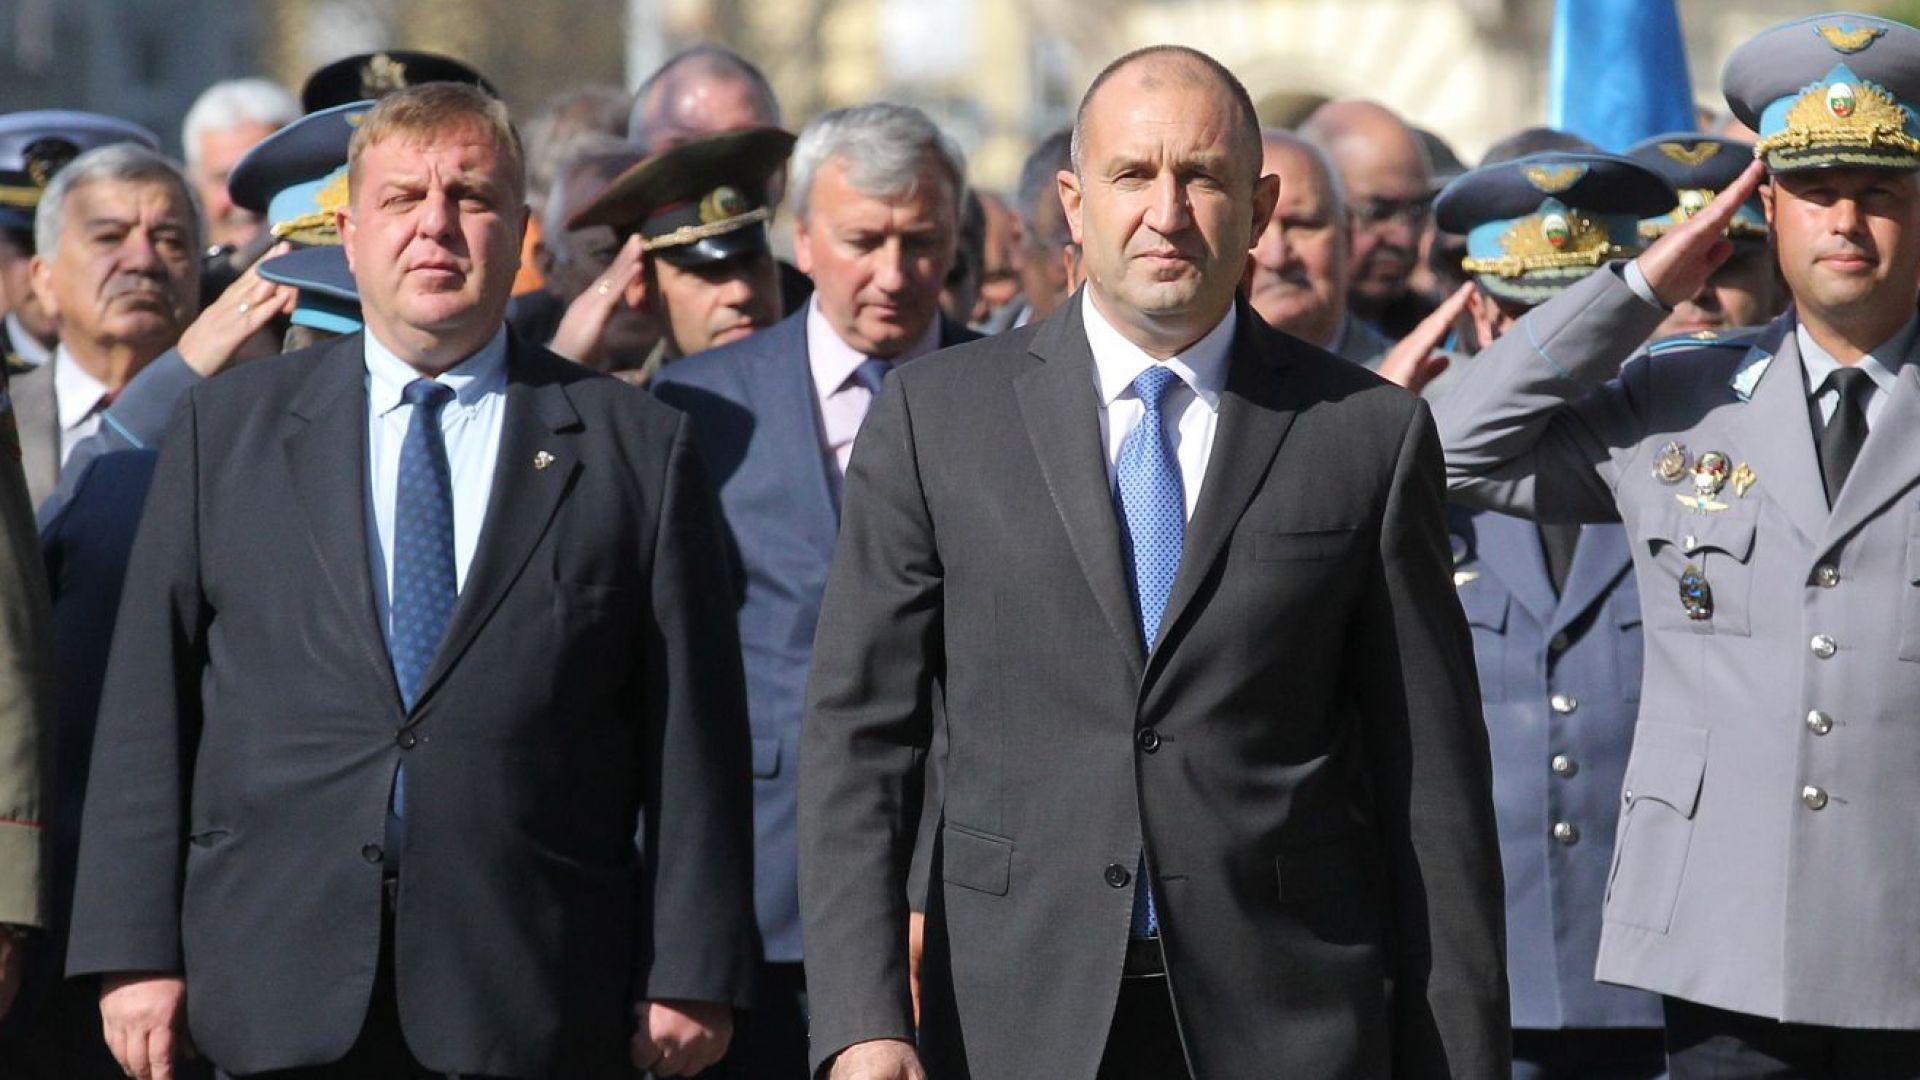 Политиците в Скопие имат шанс да се поправят, коментира пред